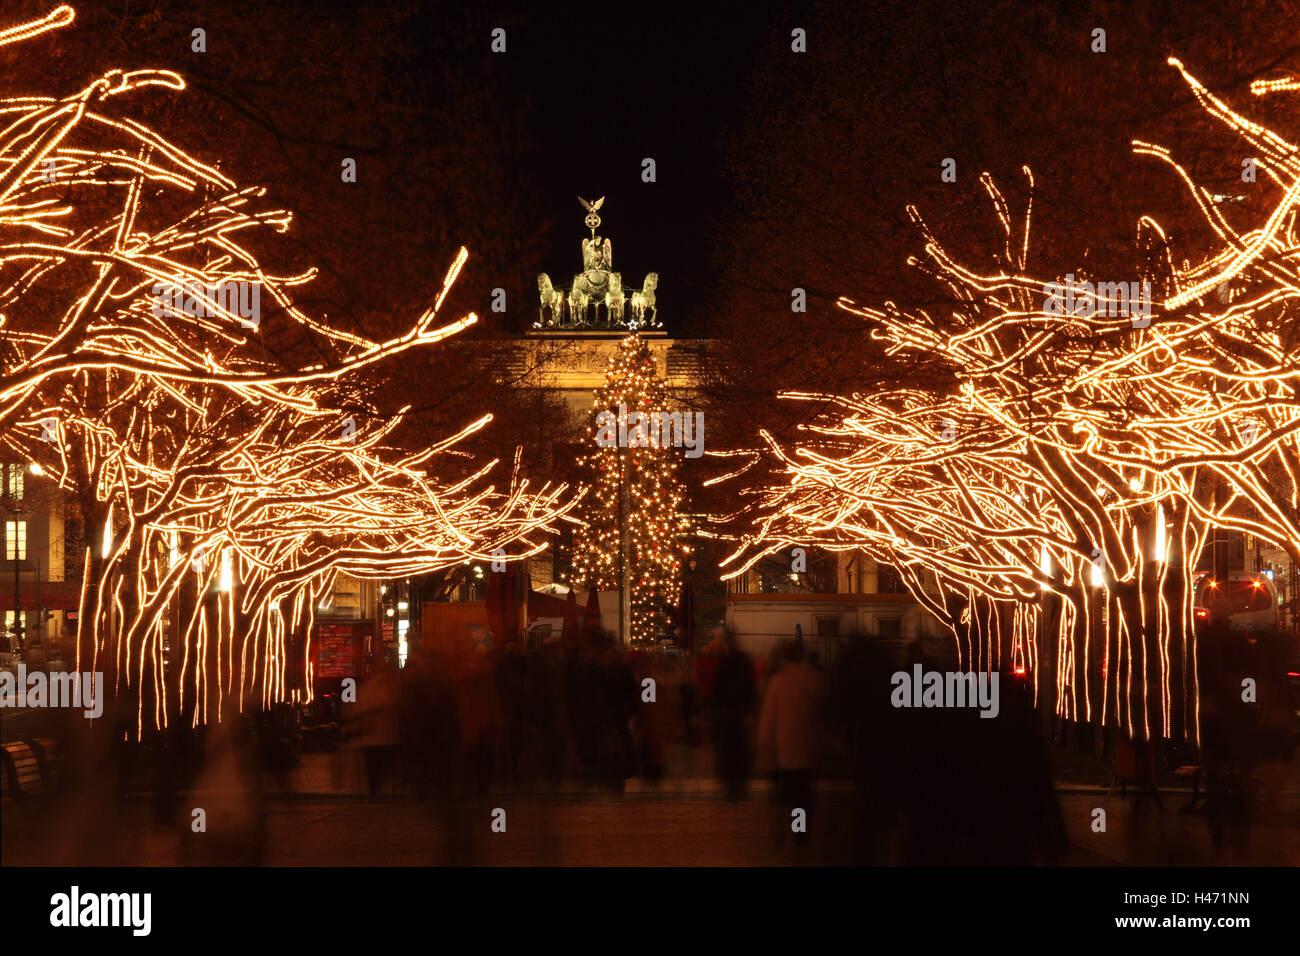 Unter Den Linden Weihnachtsbeleuchtung.Berlin Unter Den Linden Festive Christmas Lighting View On The